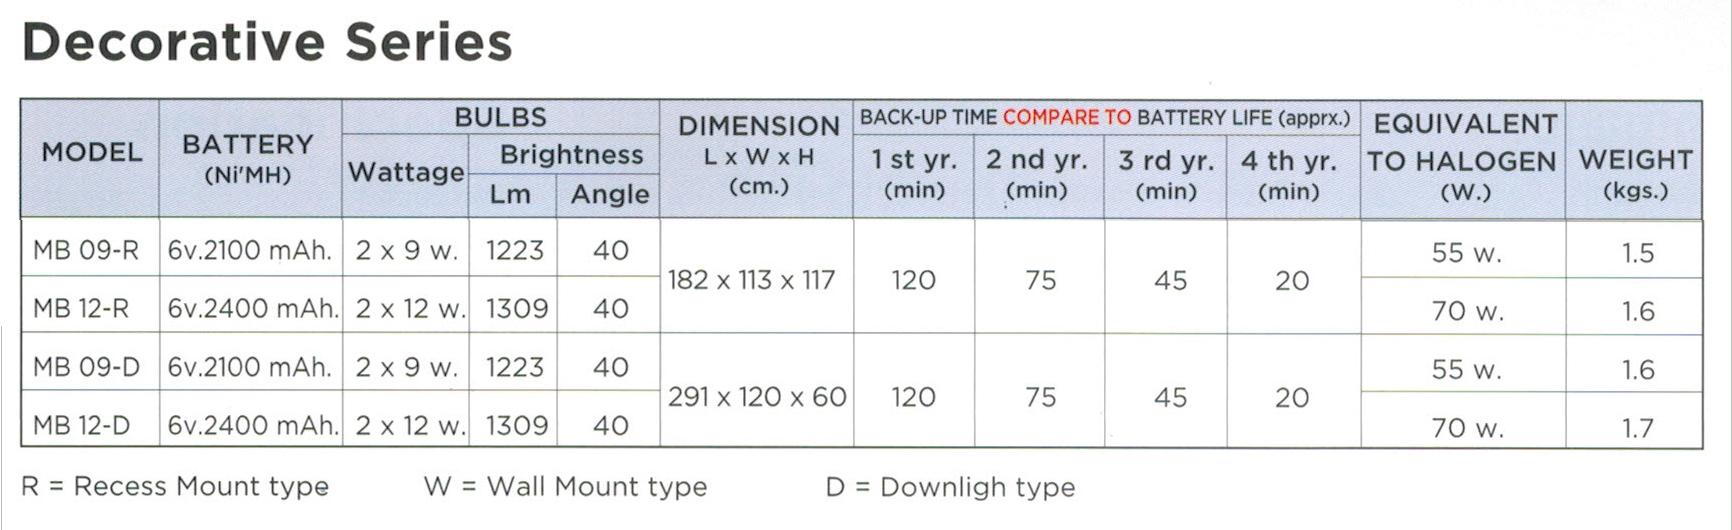 ไฟฉุกเฉิน LED ไฟฉุกเฉิน LED MB09-R, MB09-D, MB12-R, MB12-D Recess Series (Emergency Light Max Bright)